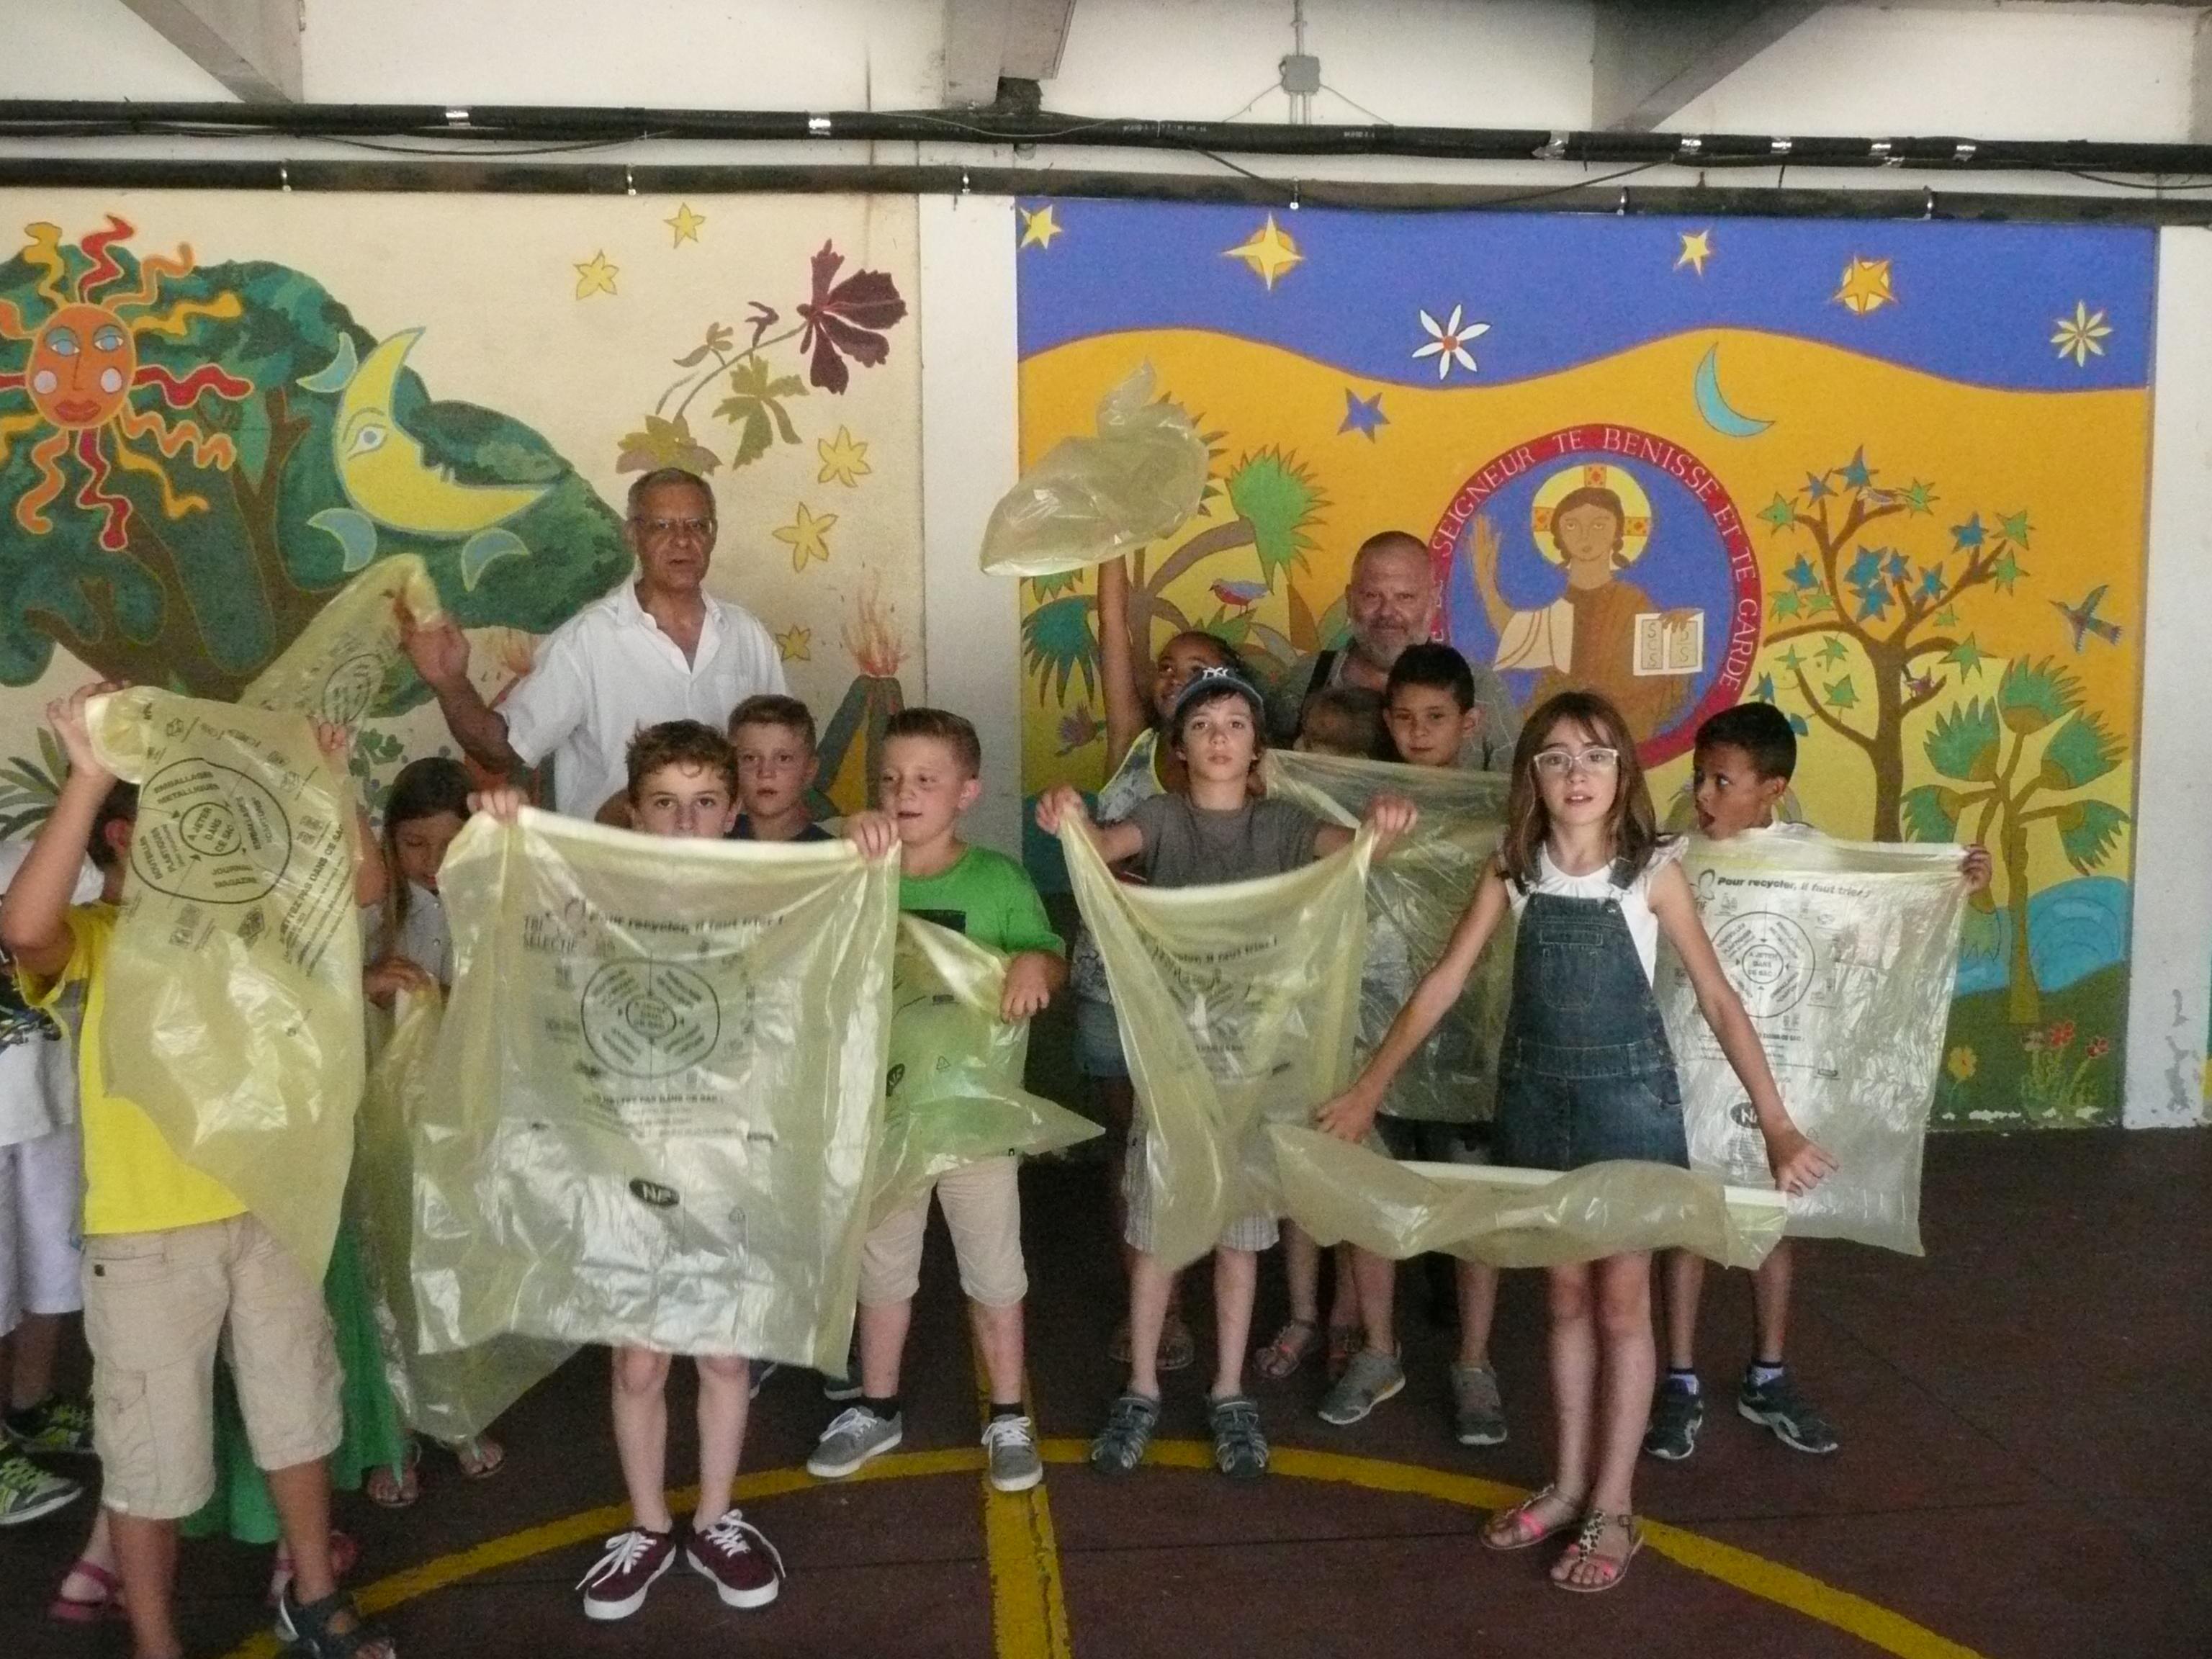 À l'Éco-École Notre-Dame d'Alès, le tri du papier avec les sacs jaunes fait partie des gestes du quotidien.